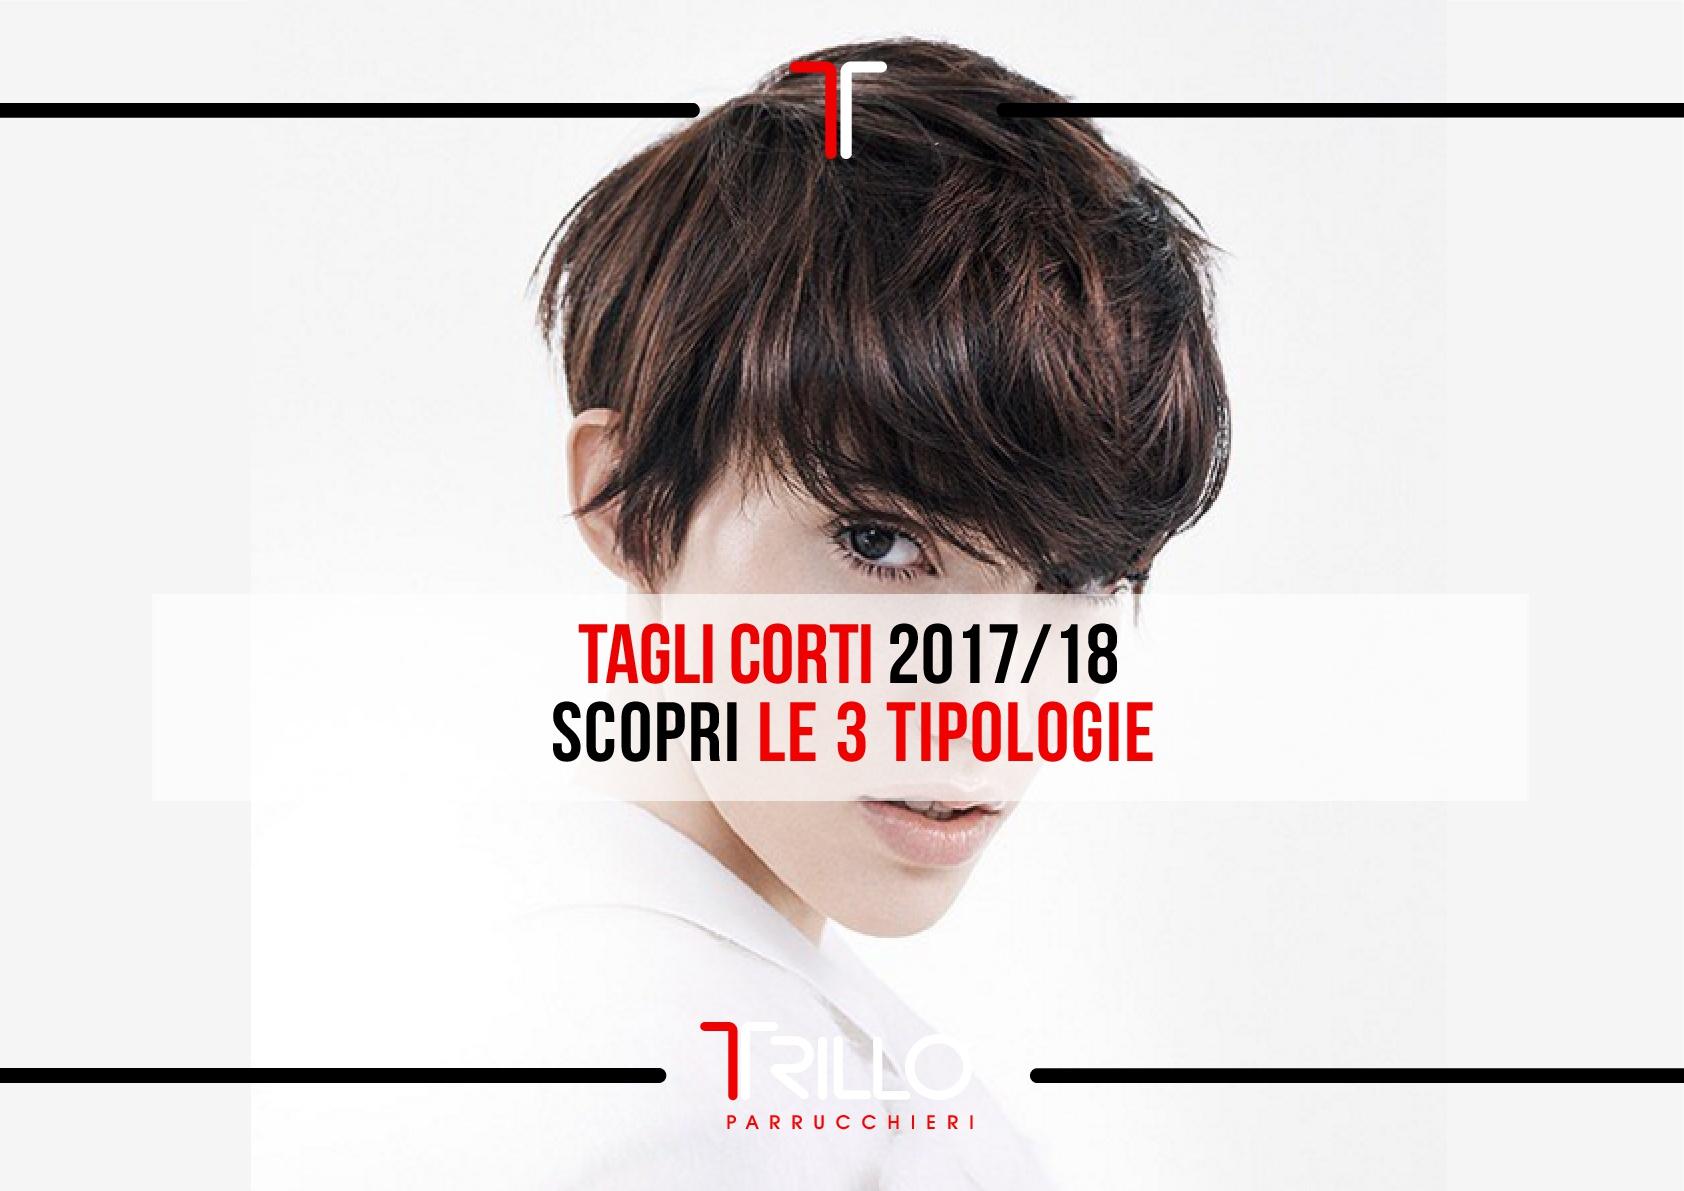 Tagli Corti 2017/18 - Scopri le 3 tipologie